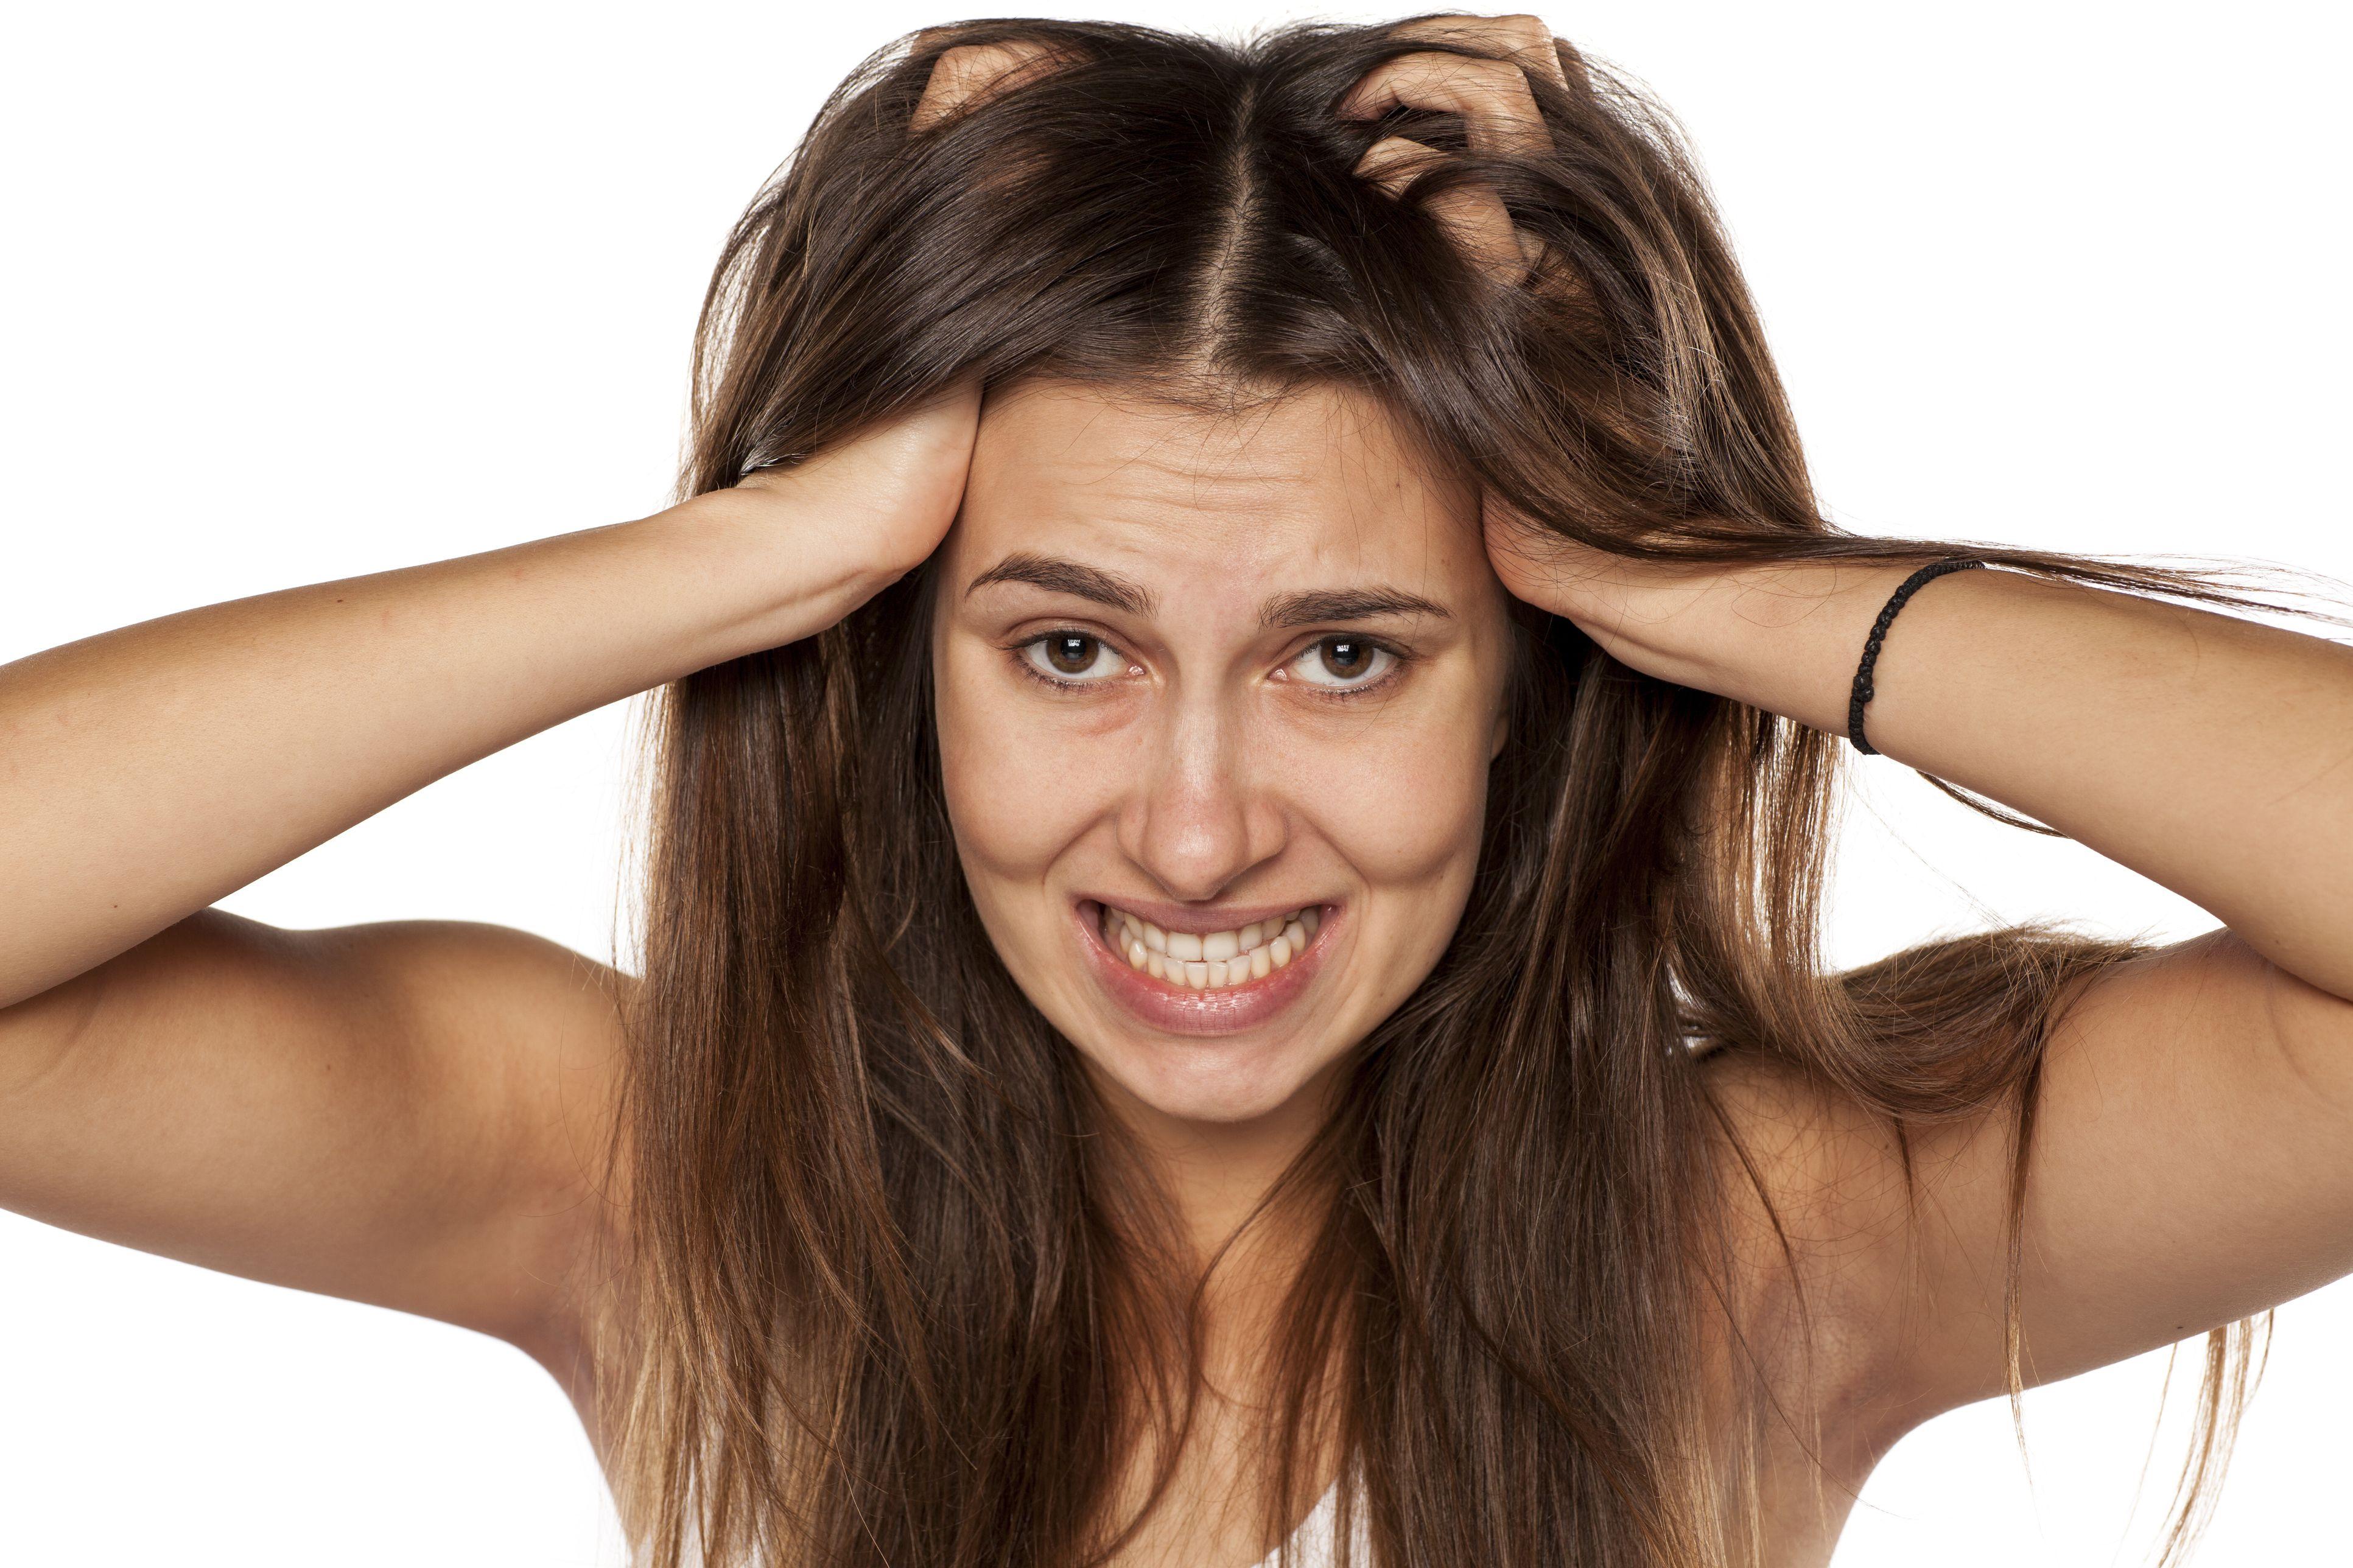 hogyan lehet enyhíteni a pikkelysömör súlyosbodását a fején)